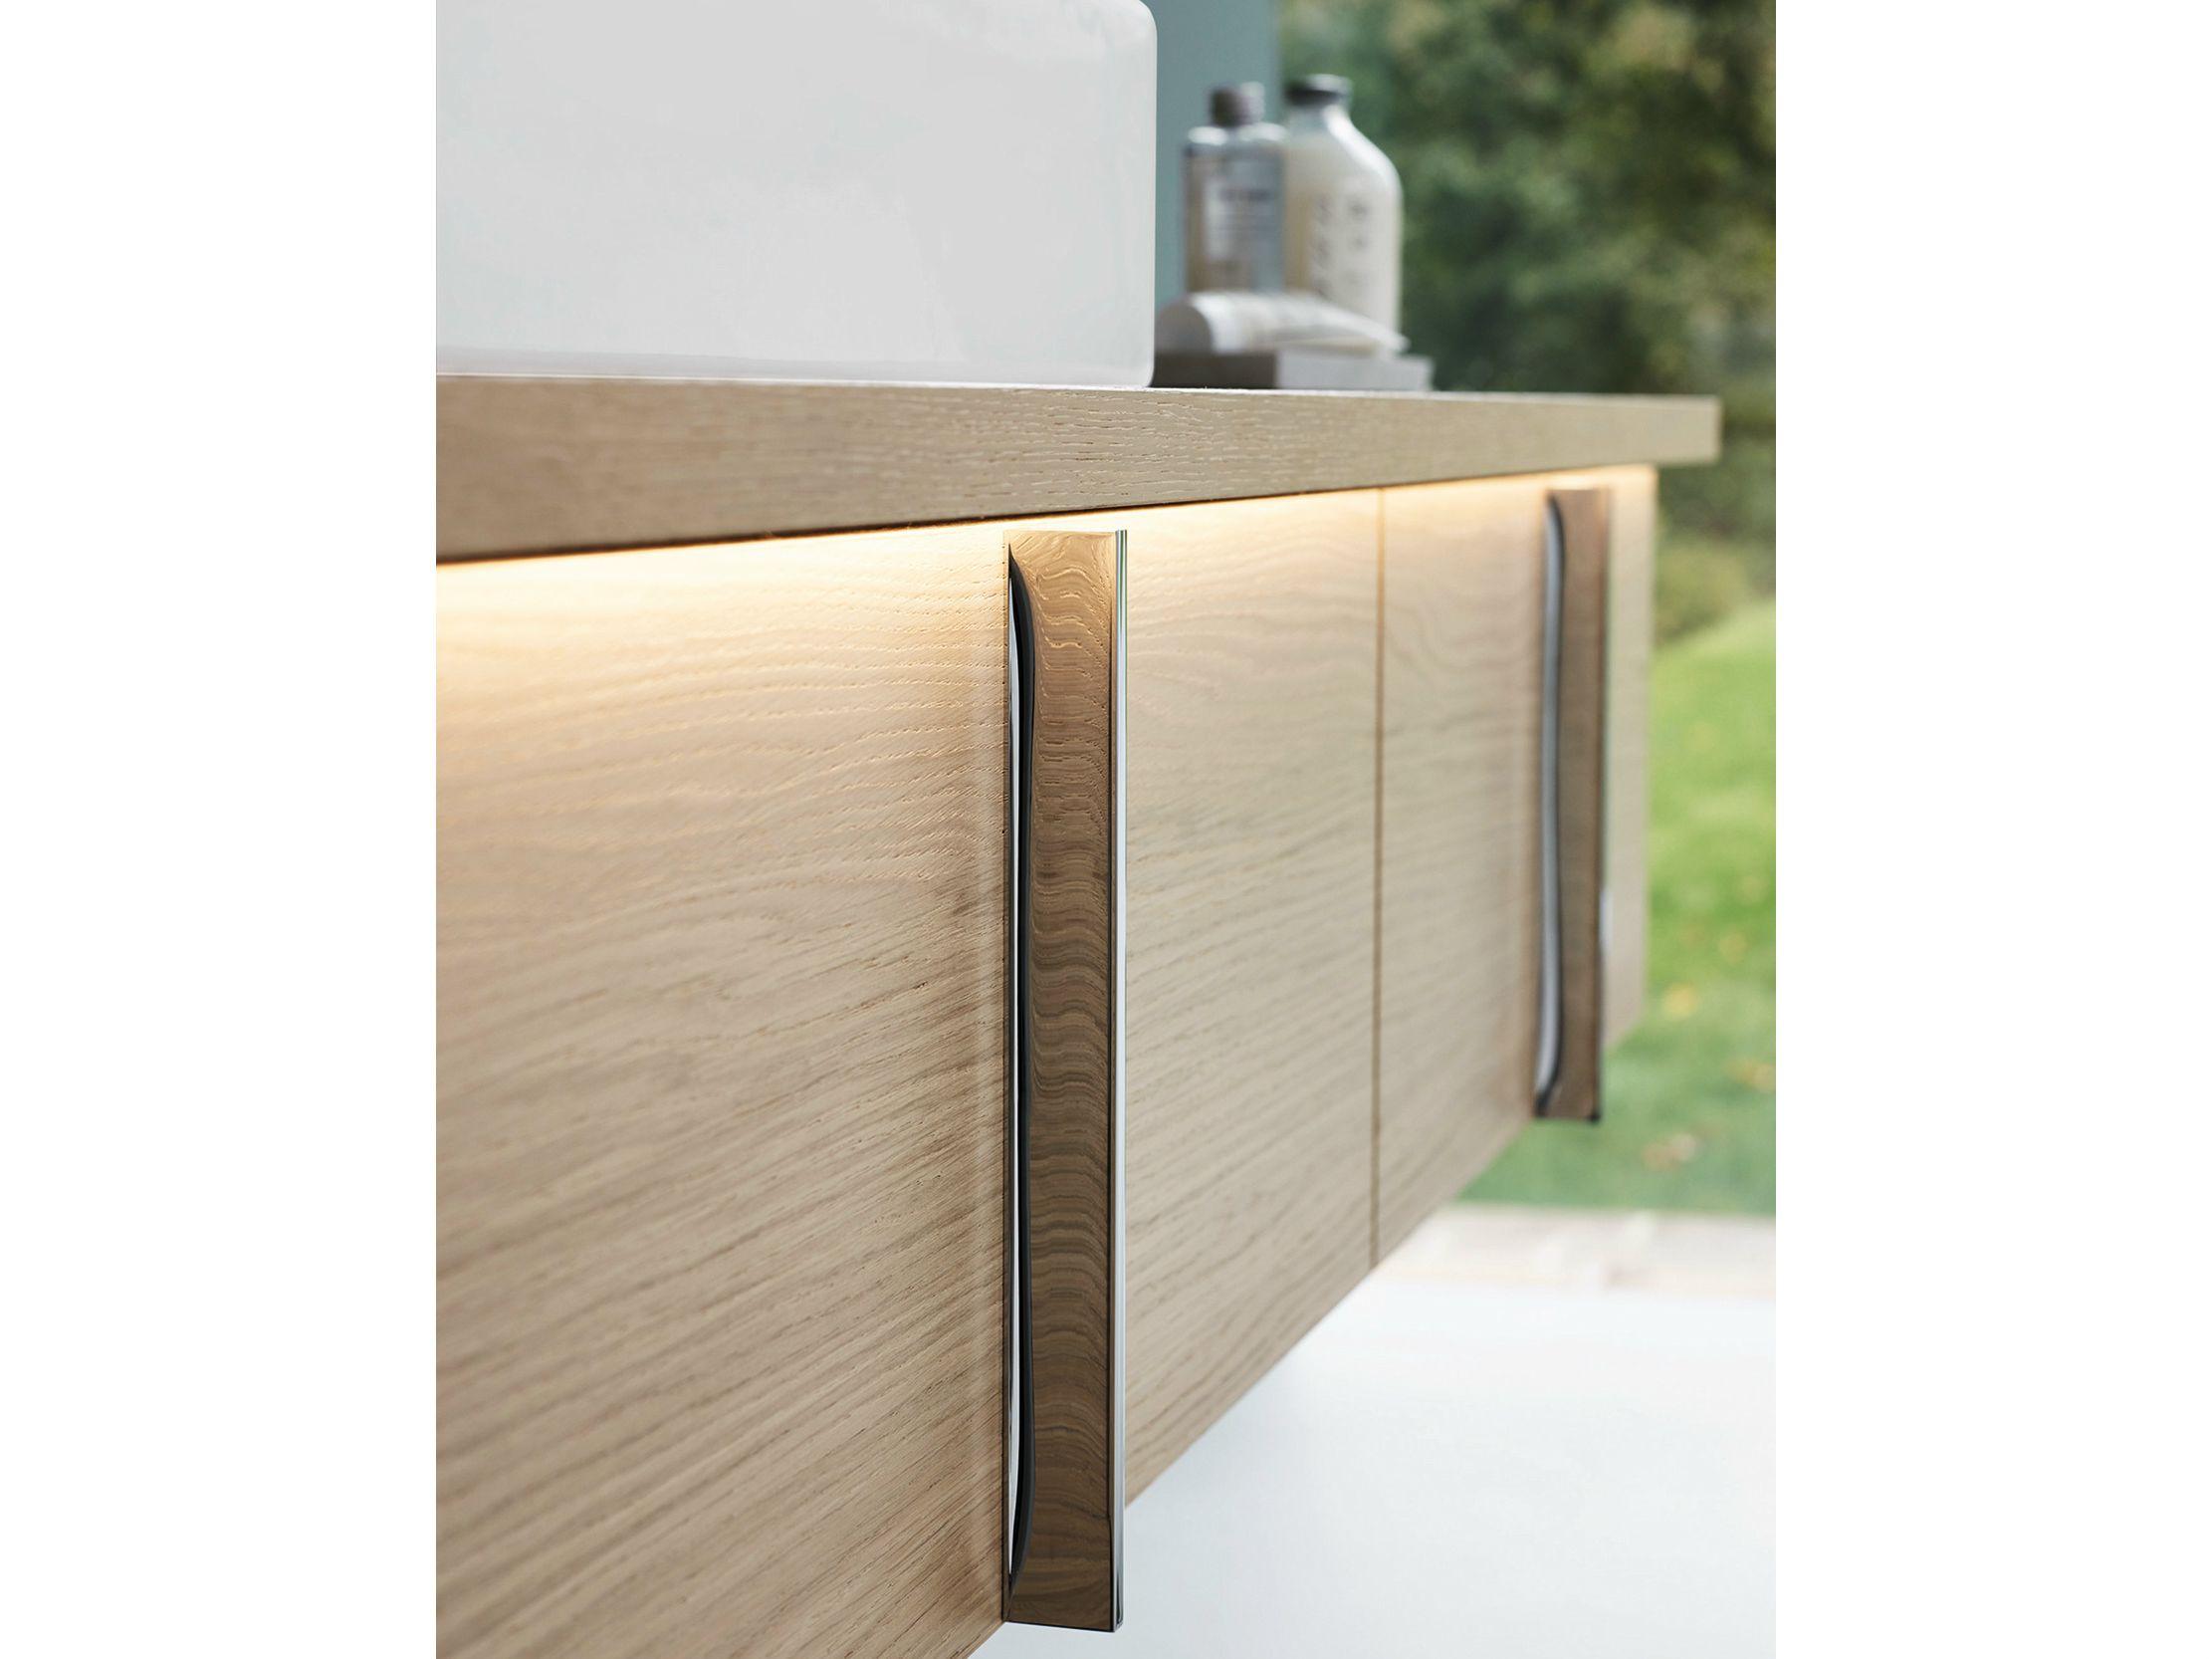 einzel h ngender waschtischunterschrank mit schubladen kollektion vero by duravit italia. Black Bedroom Furniture Sets. Home Design Ideas